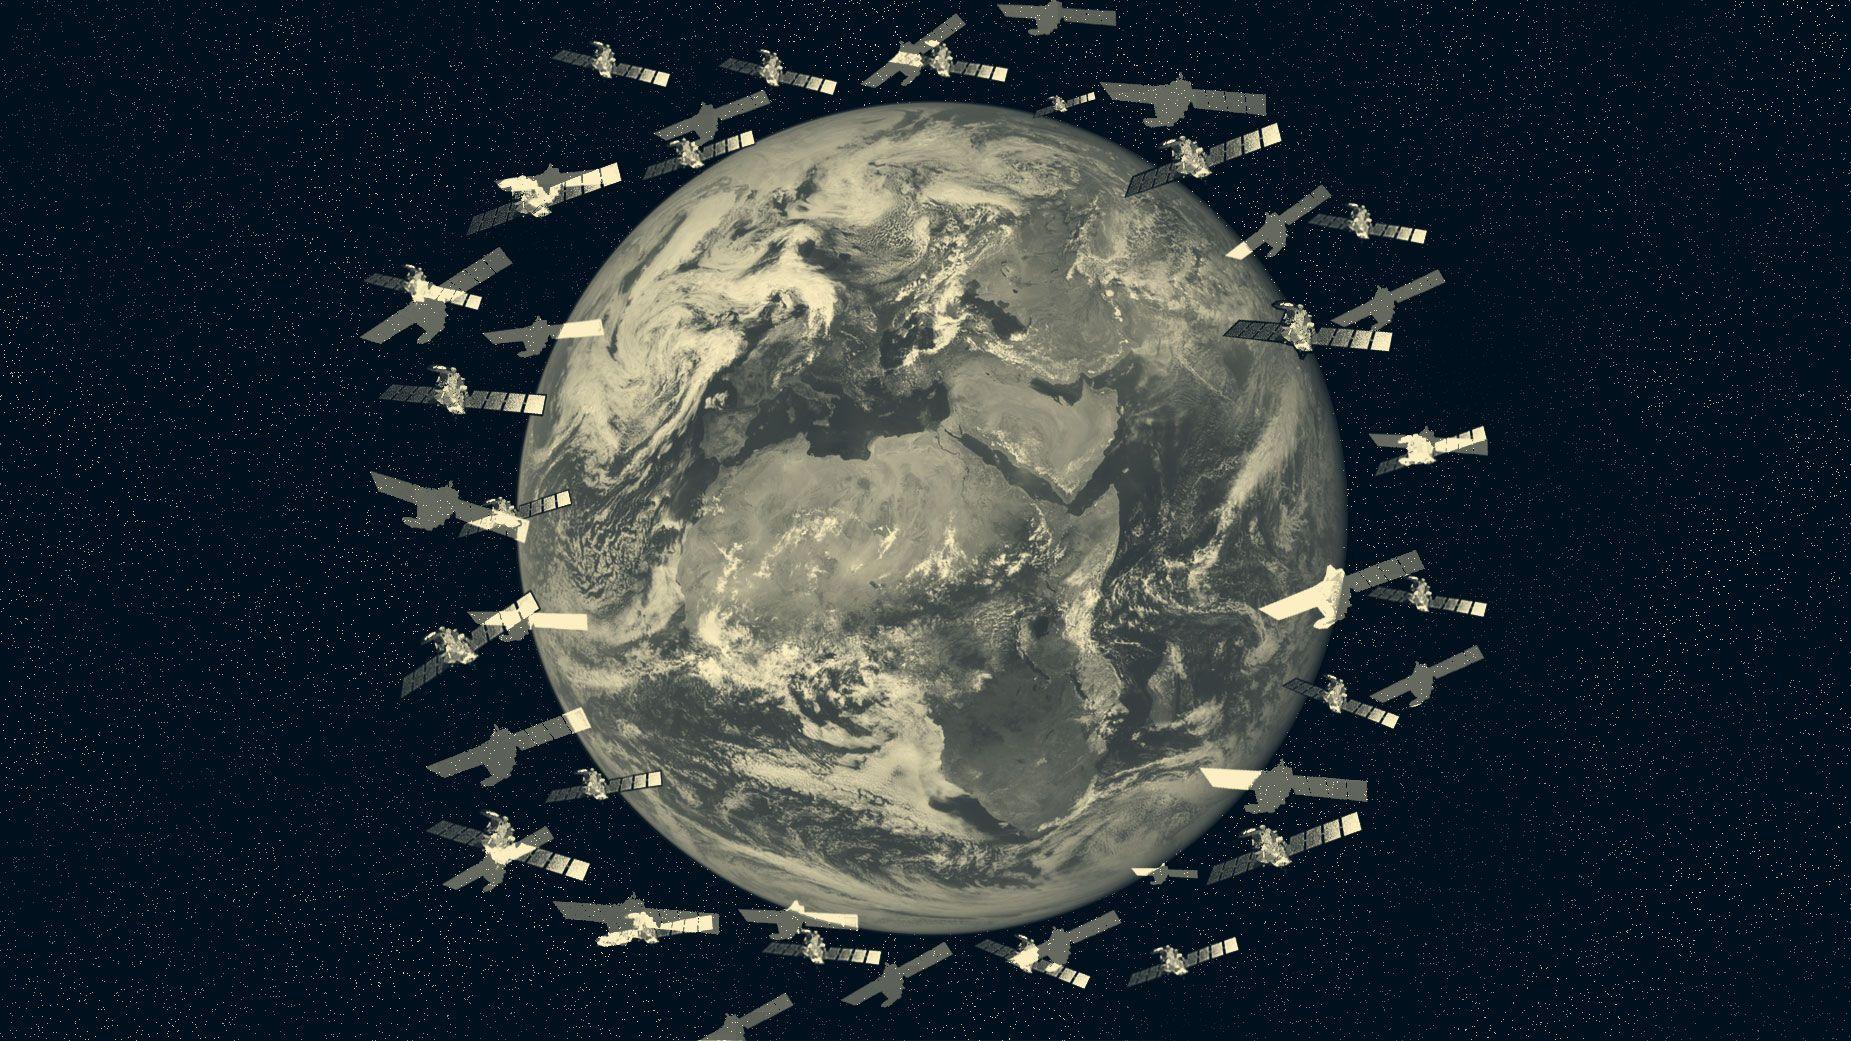 軌道「大混雑時代」に人工衛星の衝突は避けられるか?